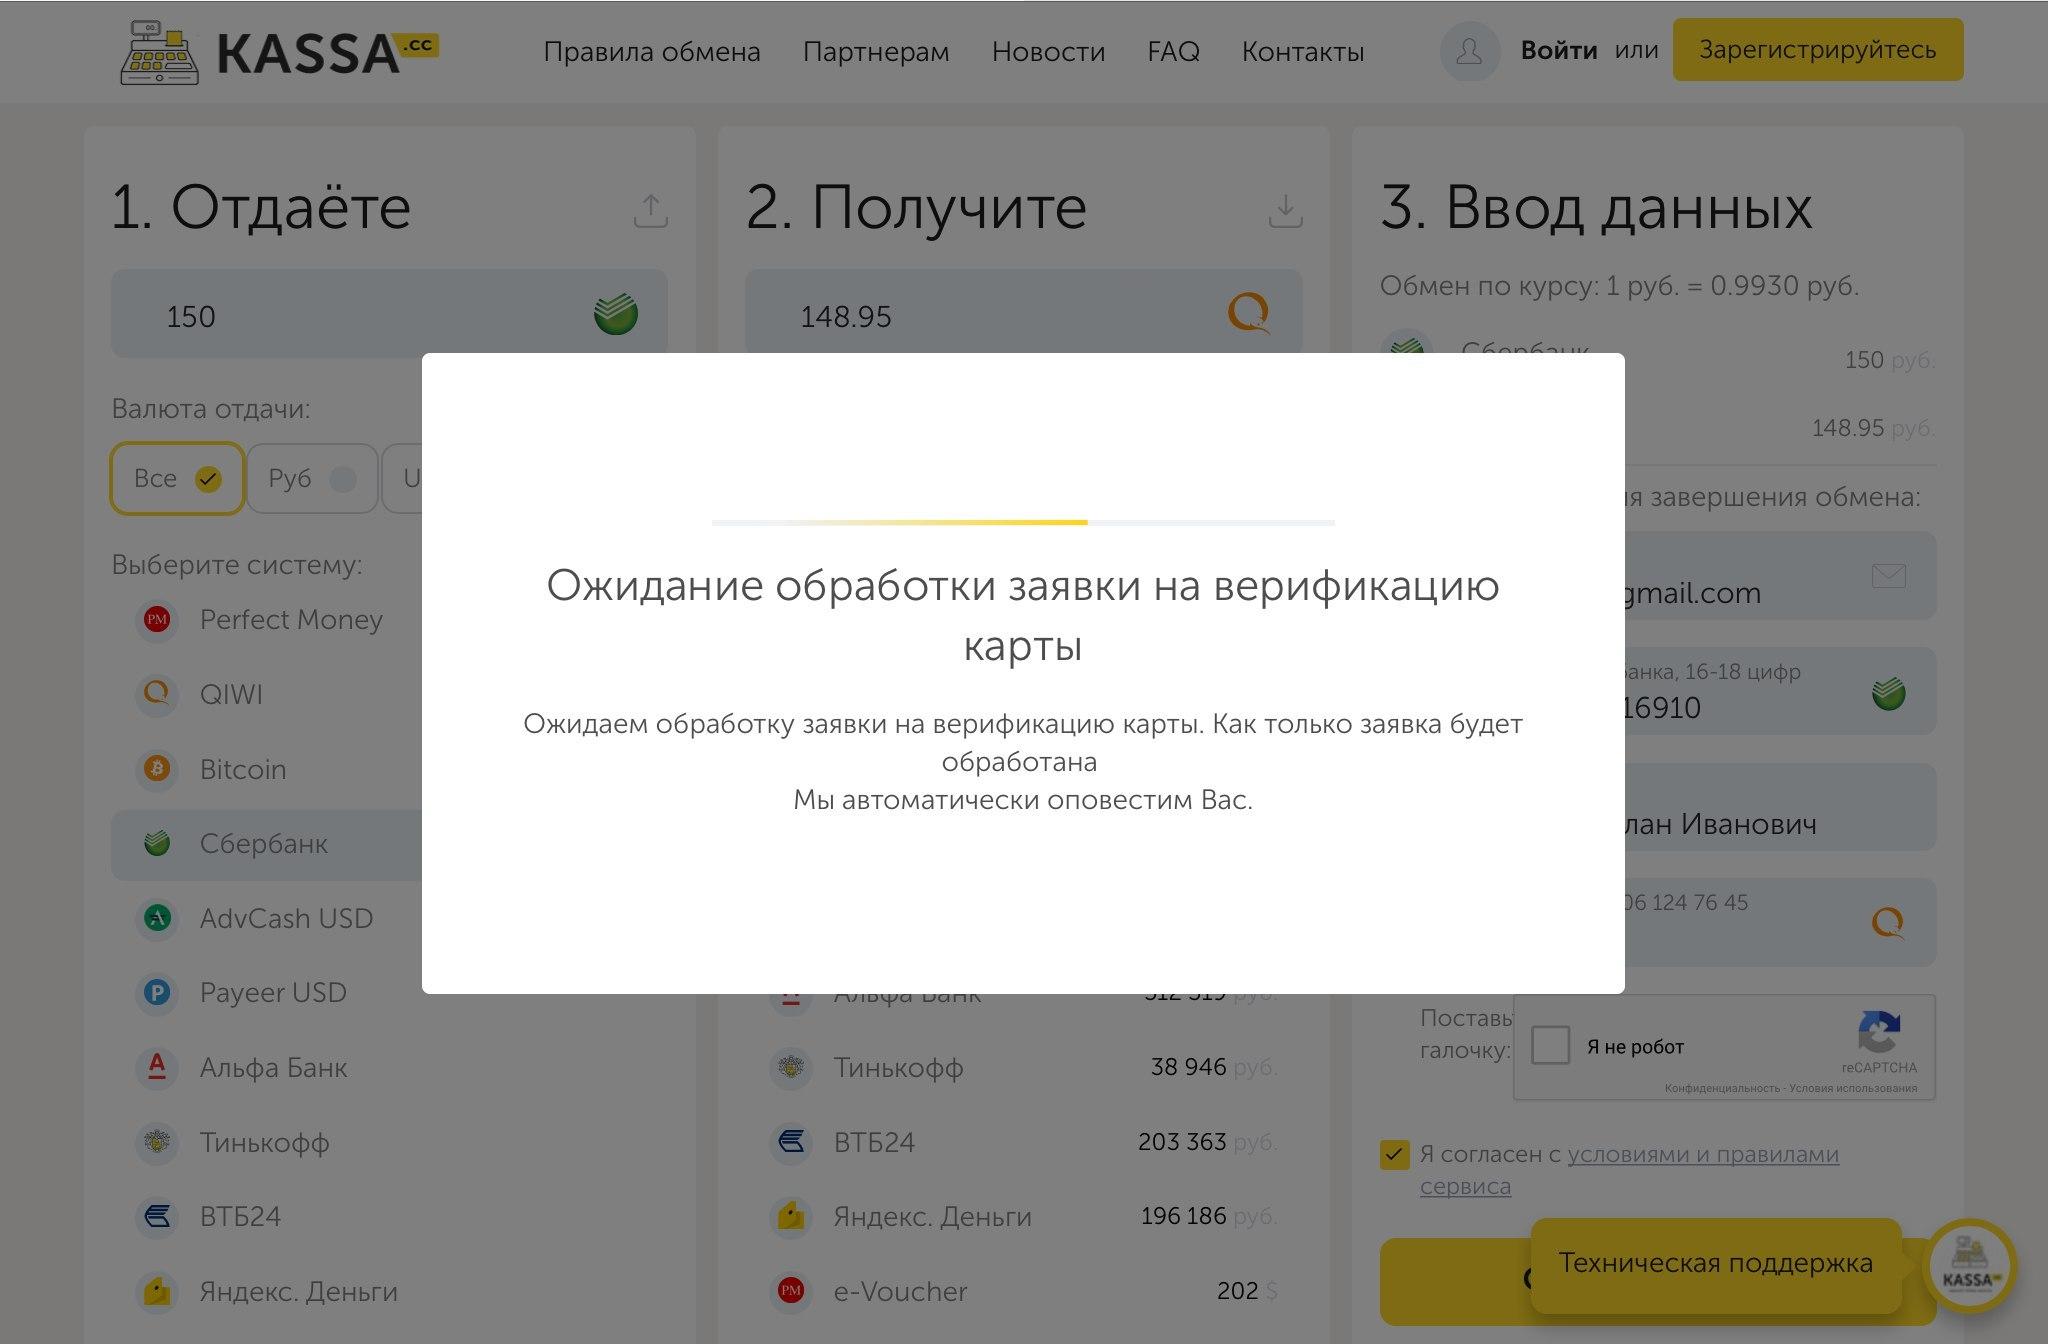 Kassa.cc - единый обмен валюты. Перевод с карты Сбербанка на Bitcoin